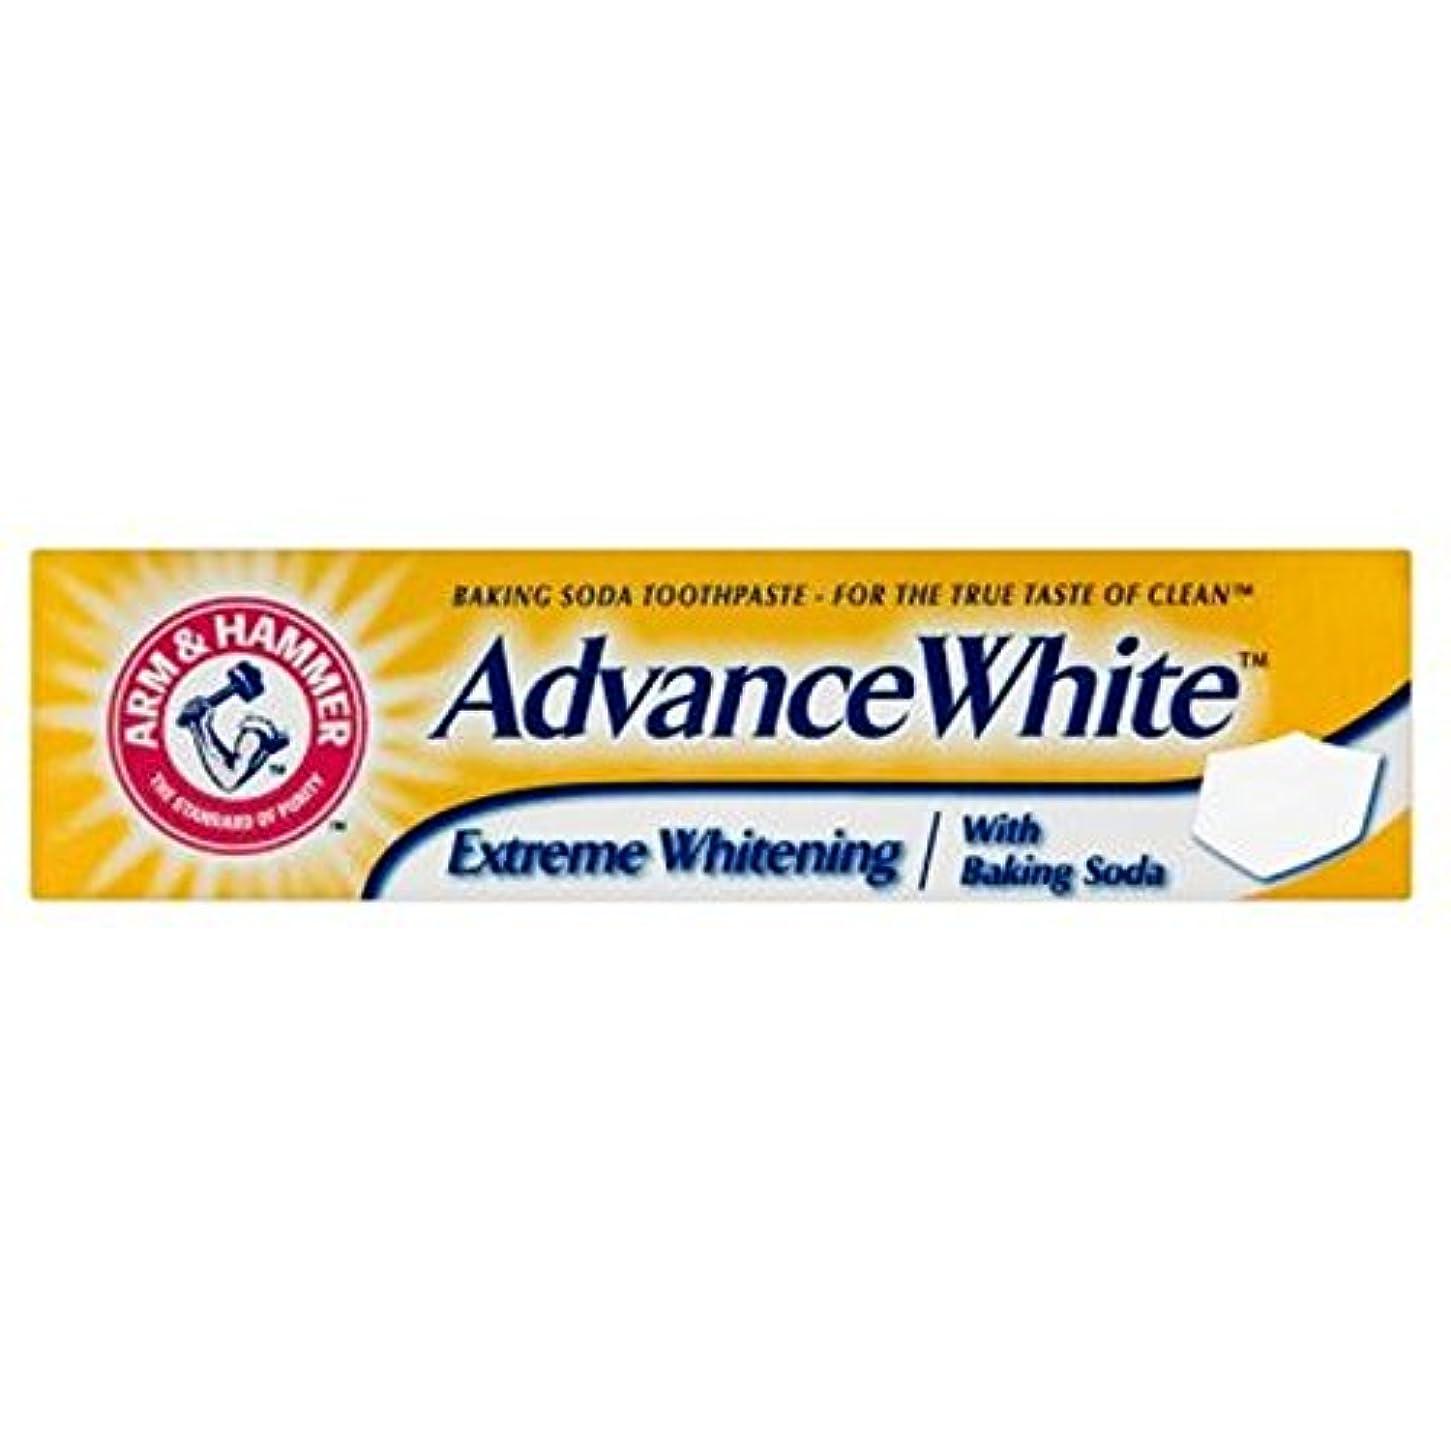 低い虚弱後方に重曹歯磨き粉75ミリリットルをホワイトニングアーム&ハンマー事前白極端 (Arm & Hammer) (x2) - Arm & Hammer Advance White Extreme Whitening Baking...